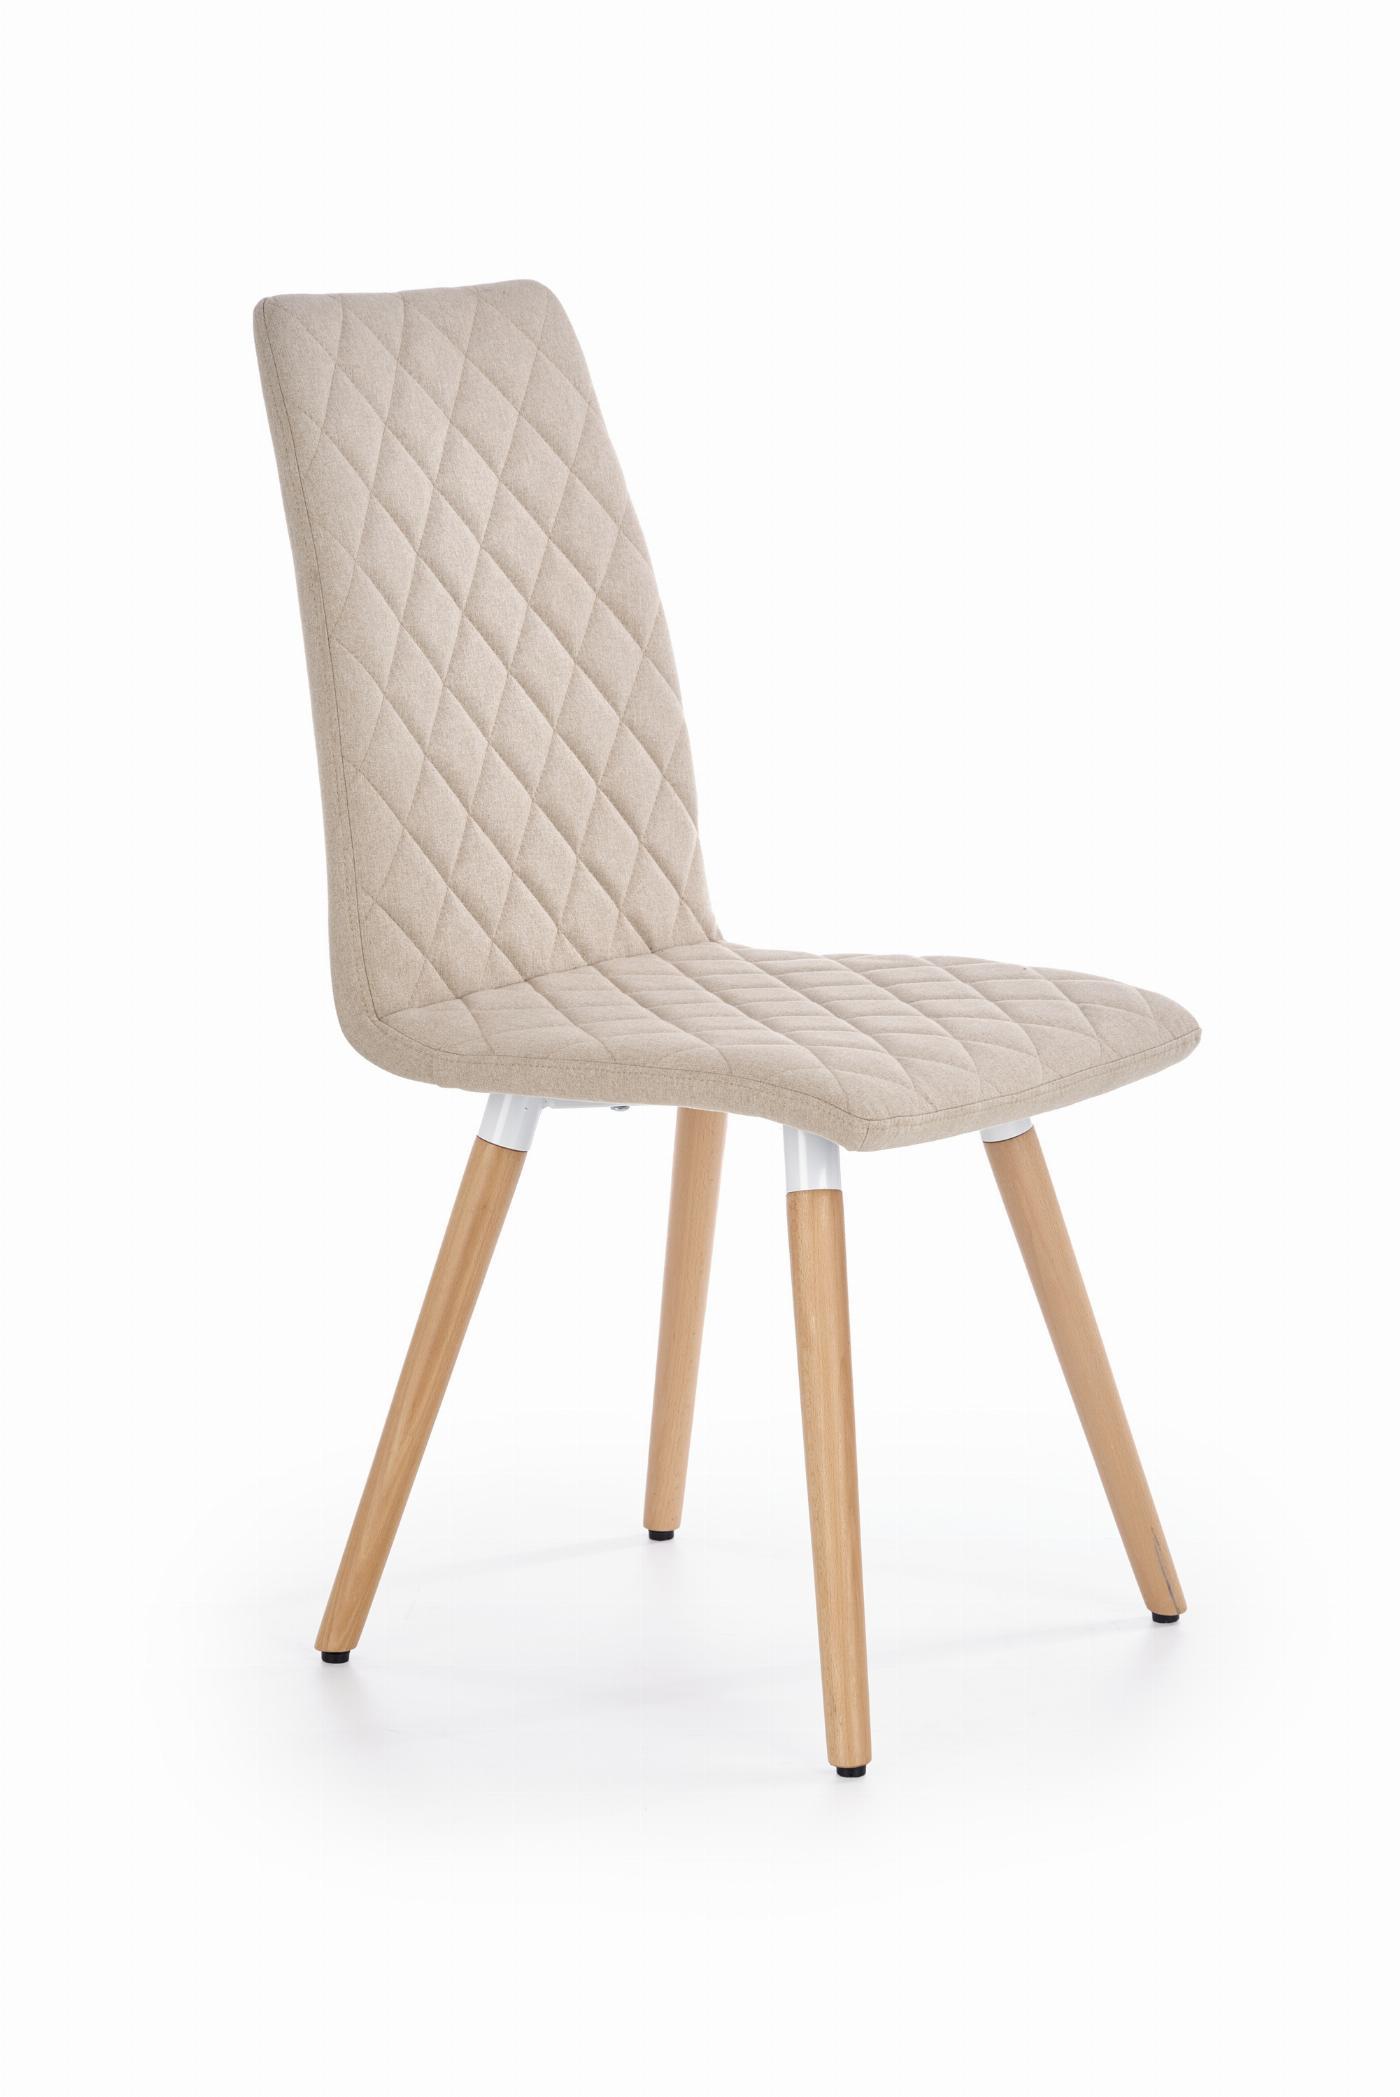 K282 krzesło beżowe